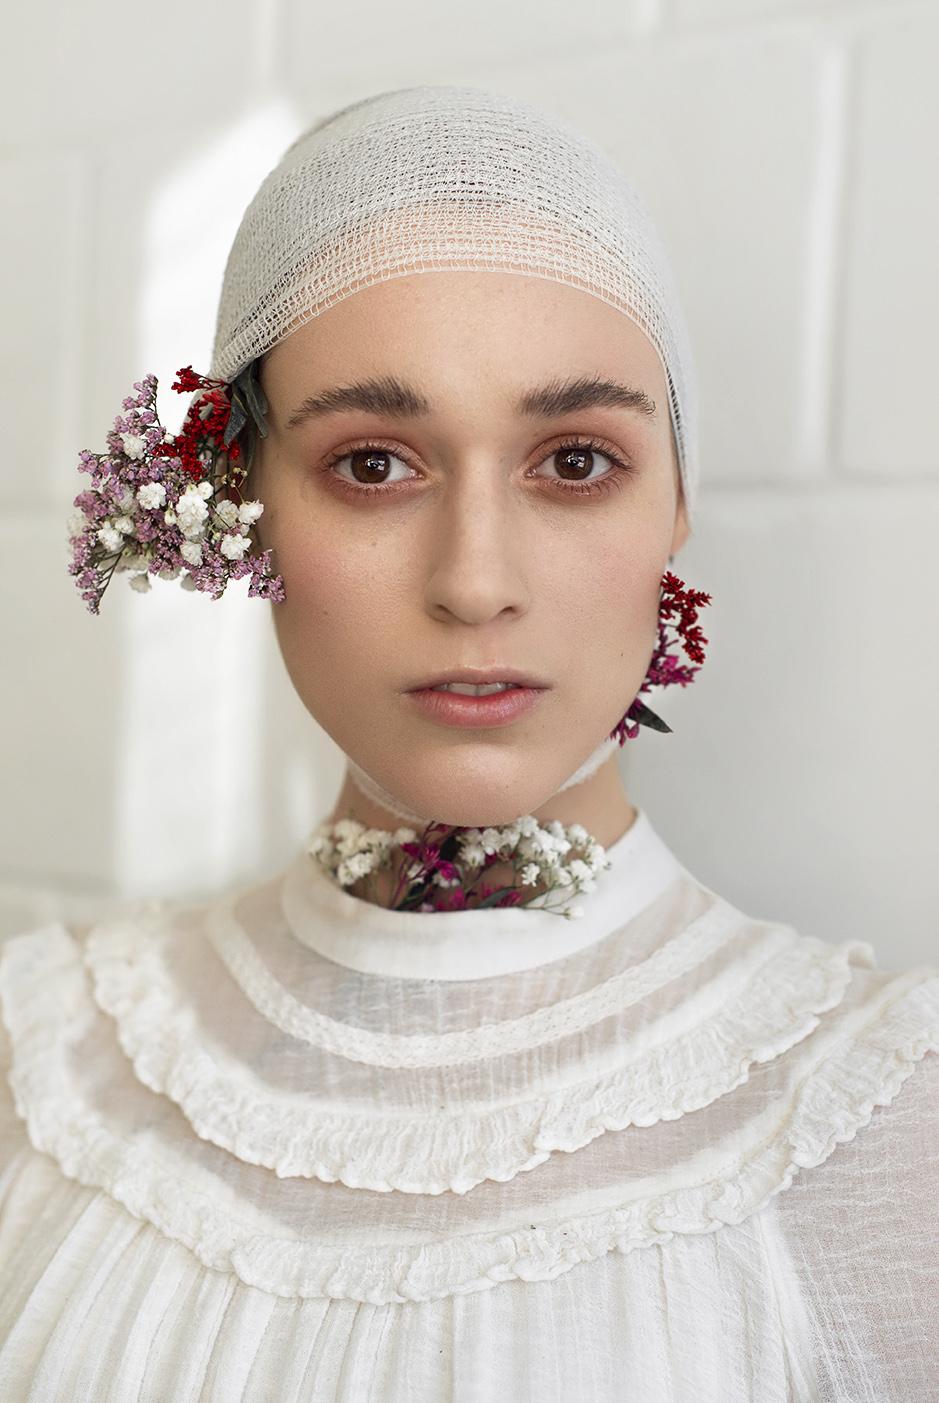 Dziewczyna ubrana cała na biało, w bluzkę pod szyję z koronką, białą chustą na głowie i wplecionymi kwiatami